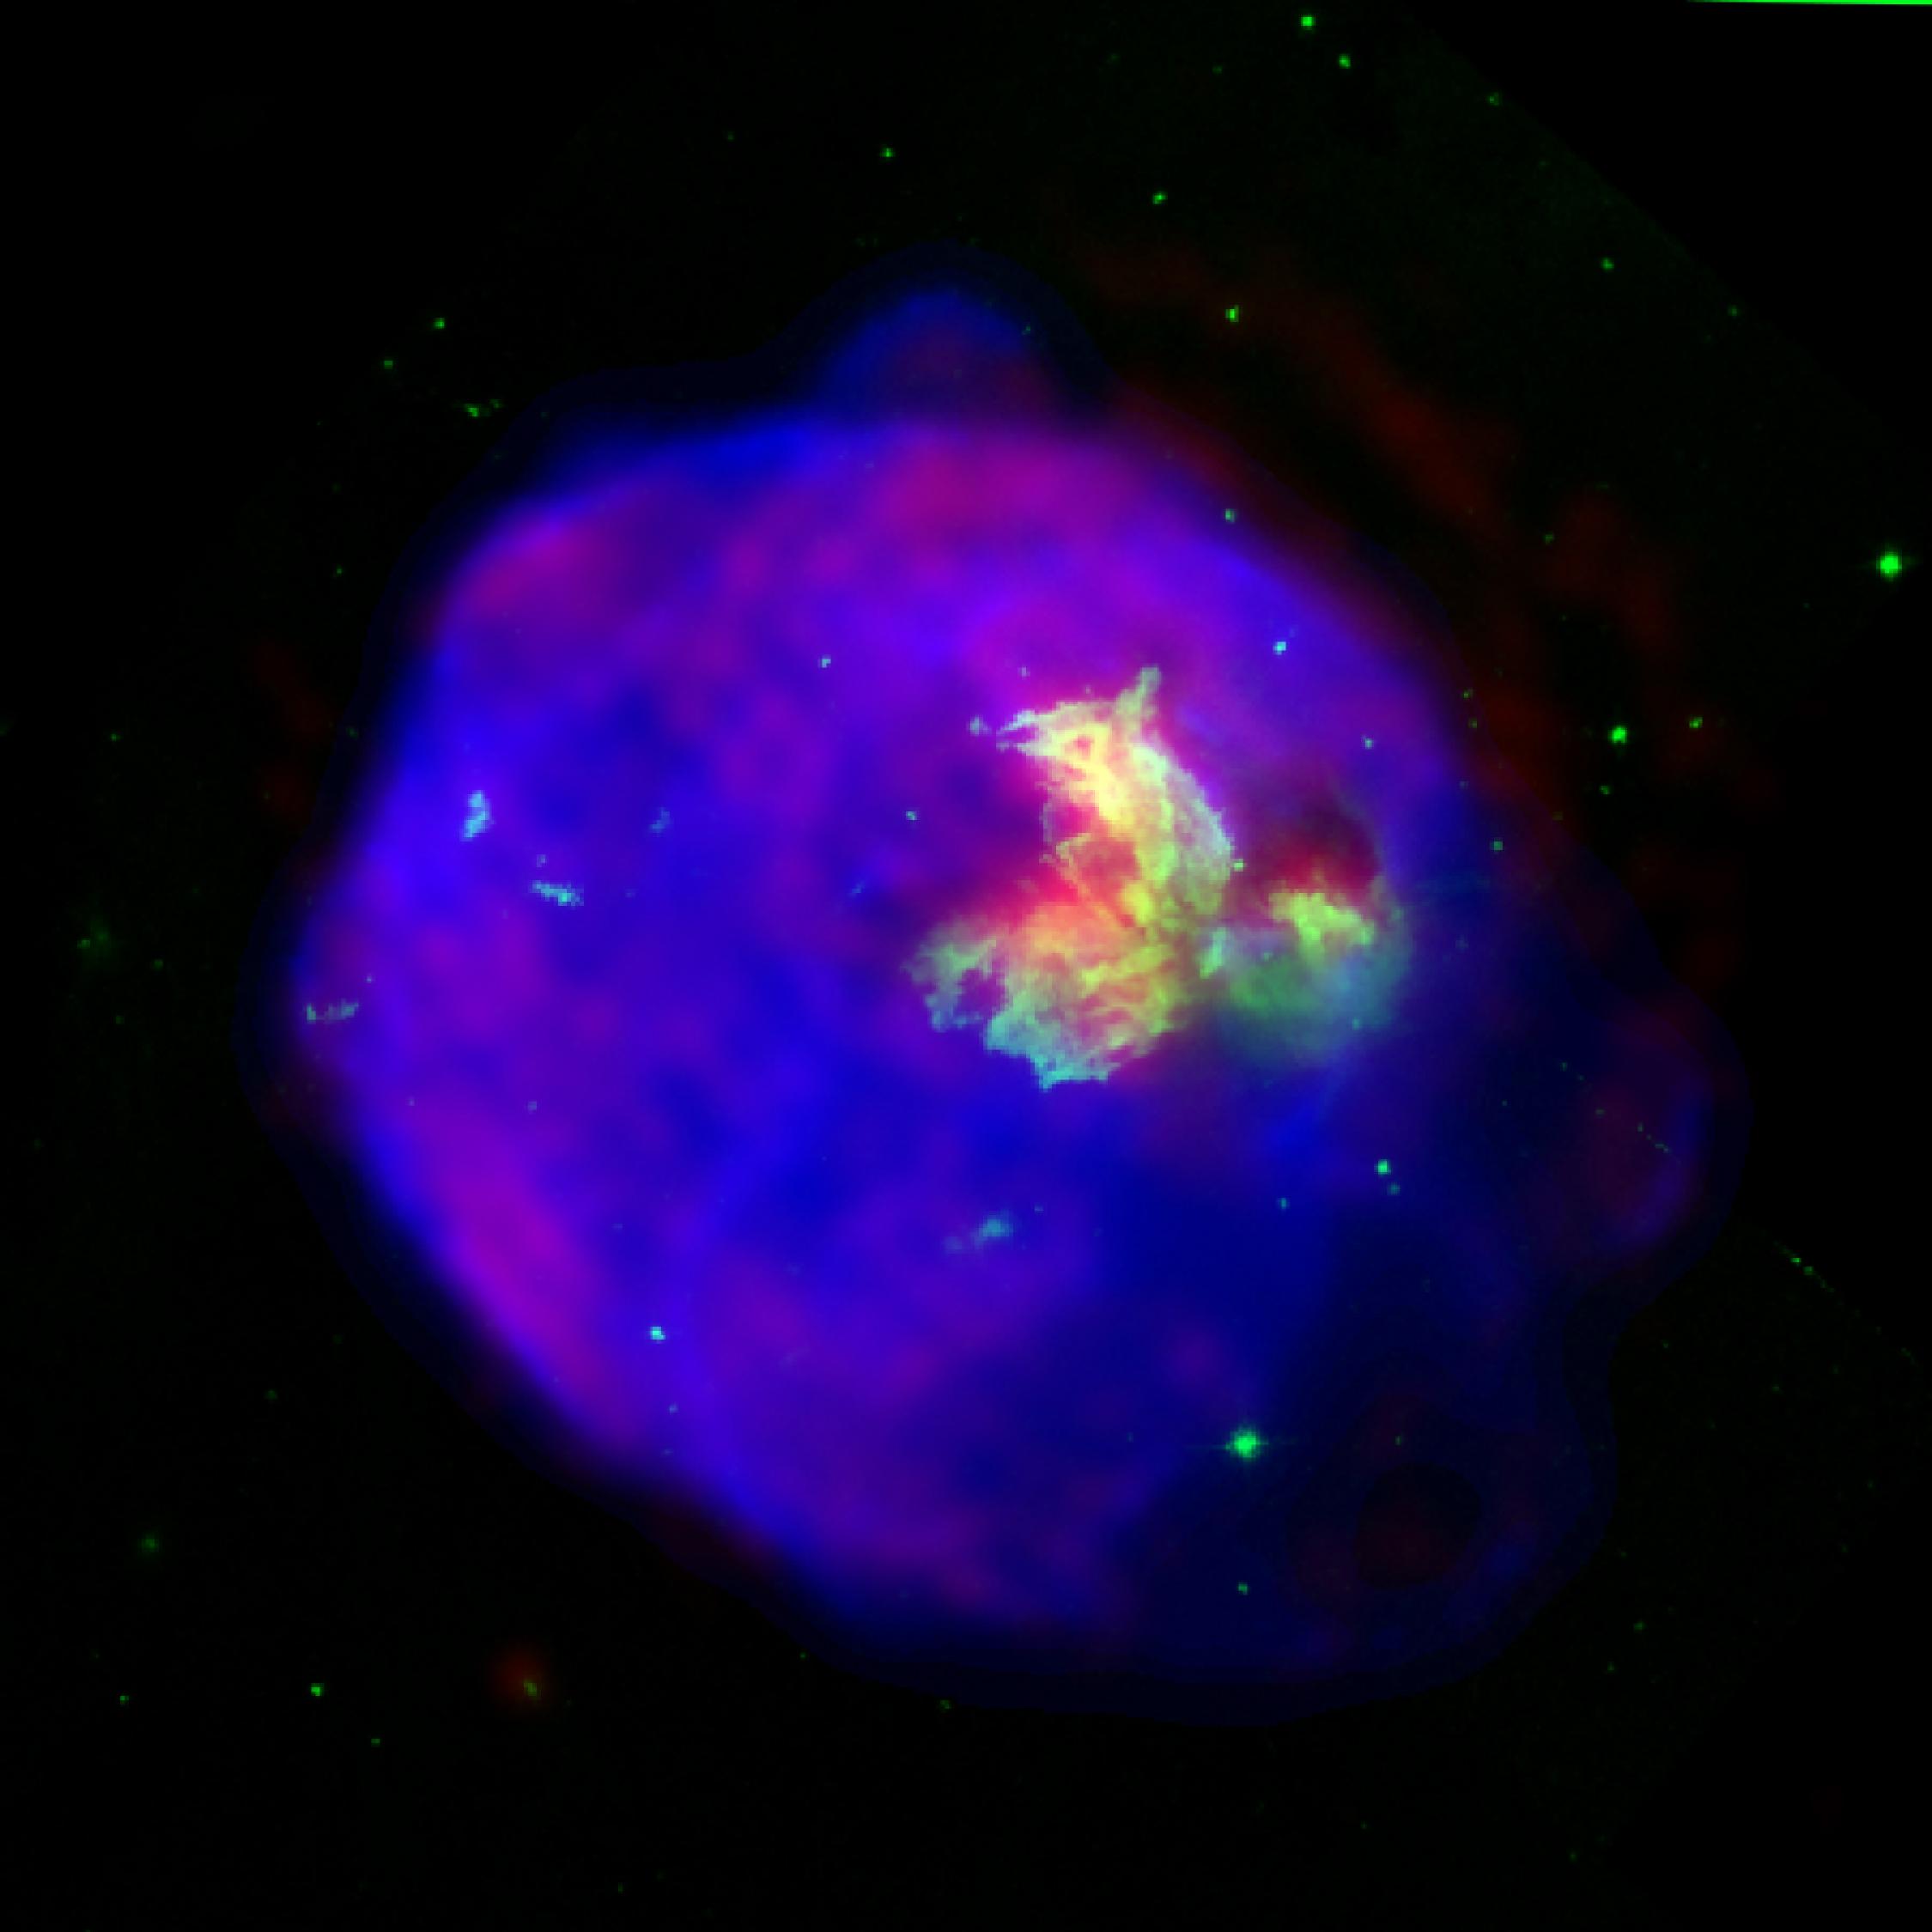 massive star pics from nasa - photo #1